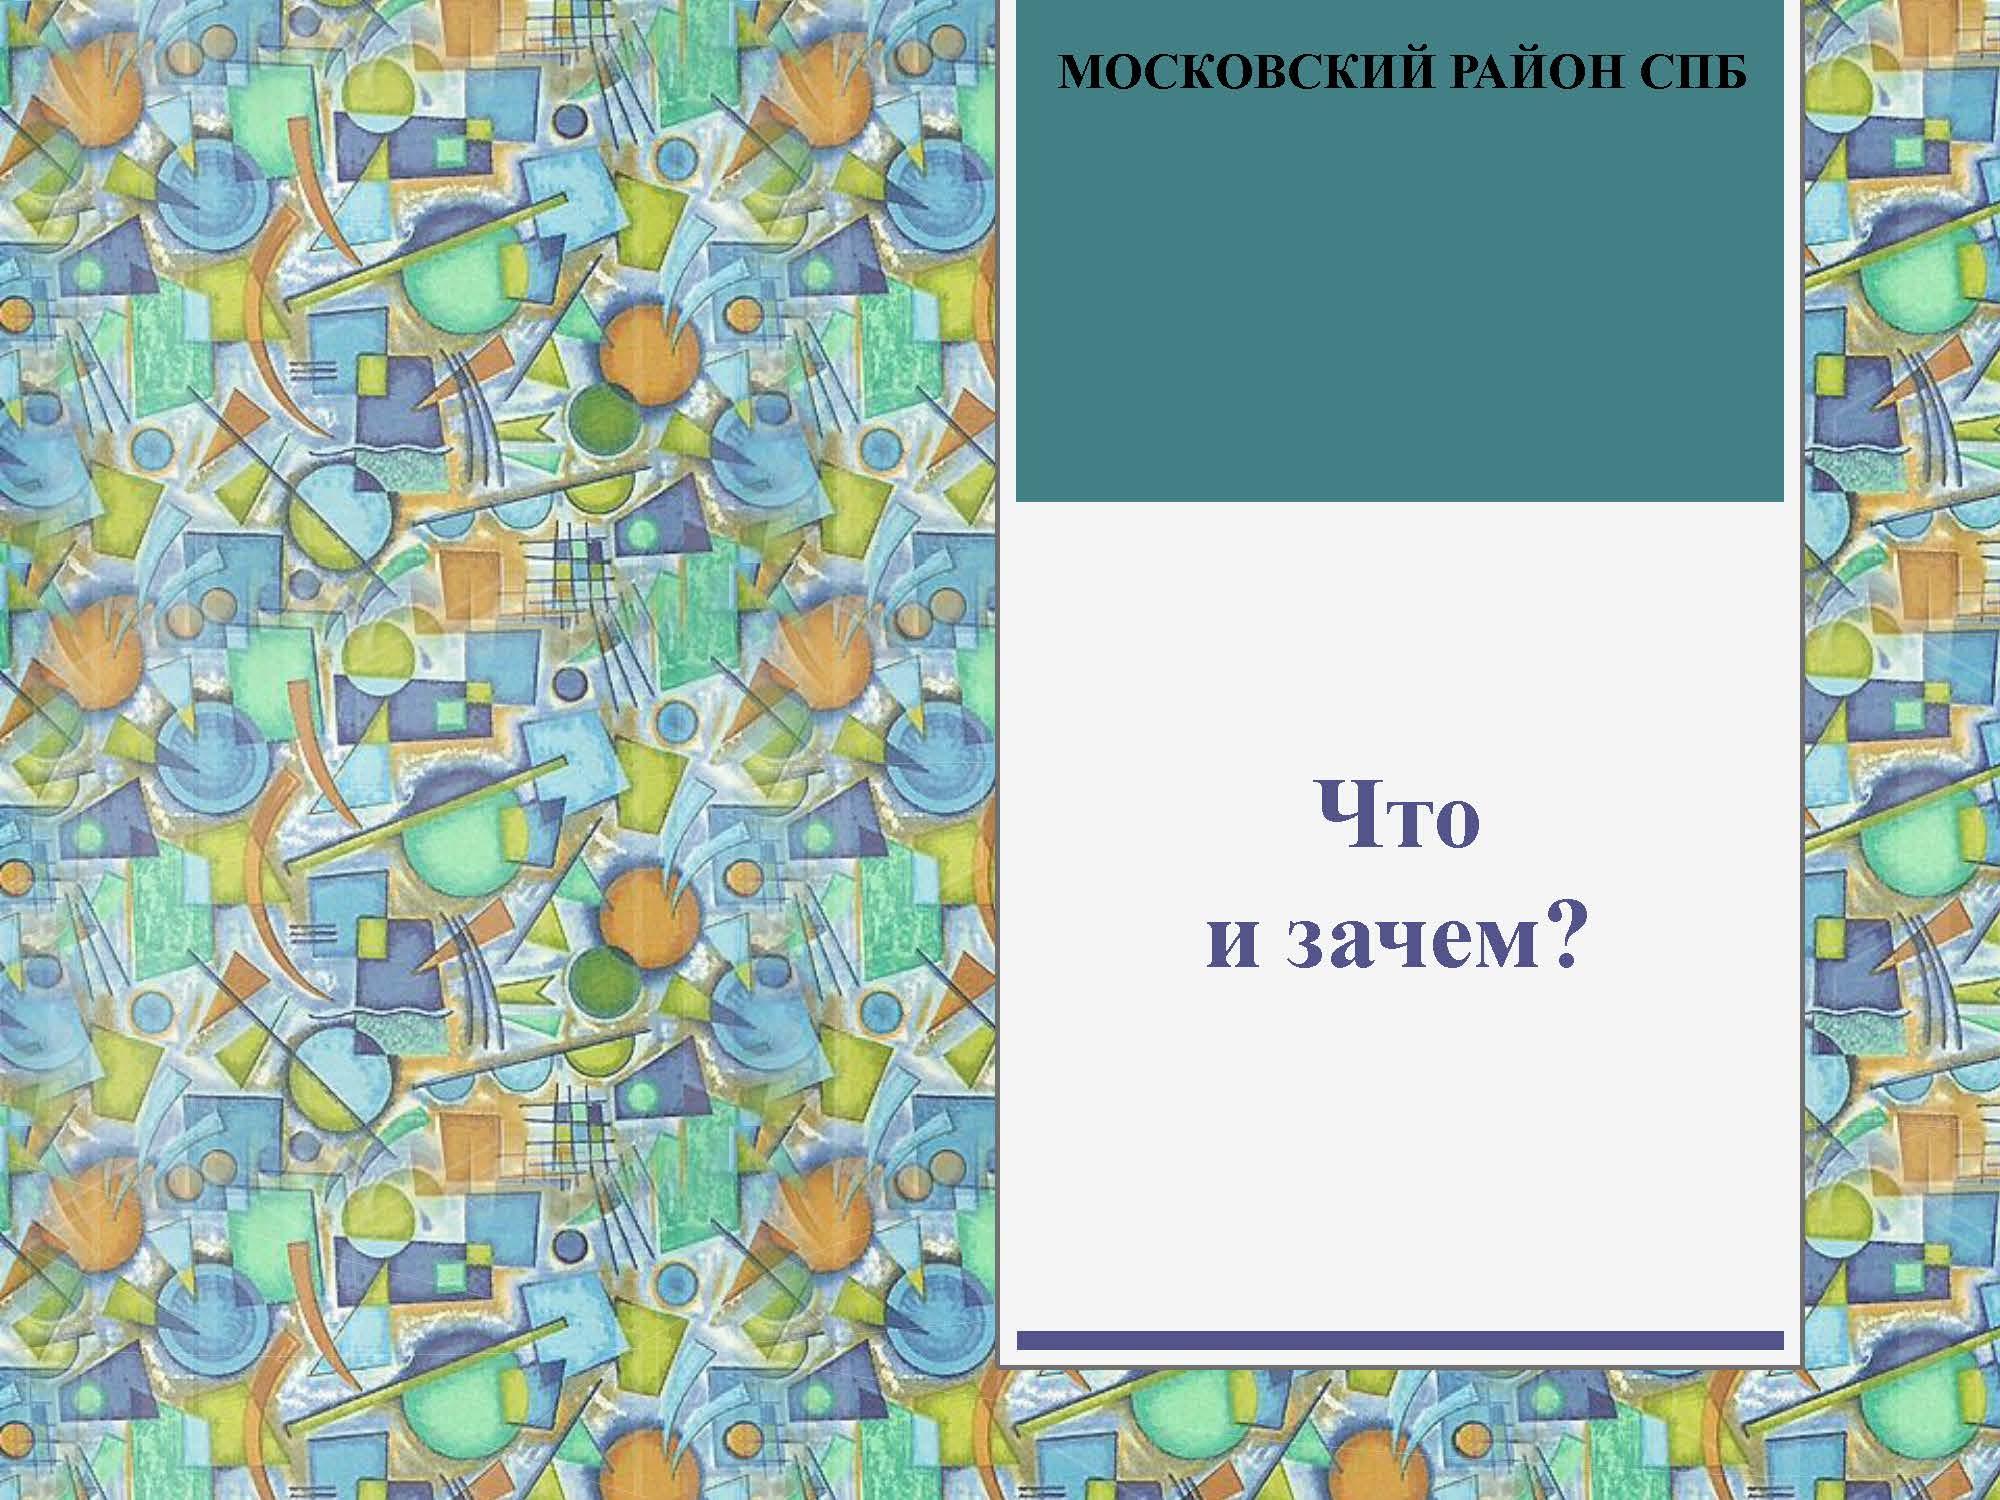 секция 8. ОУ 358. ТИКО. Московский район_Страница_02